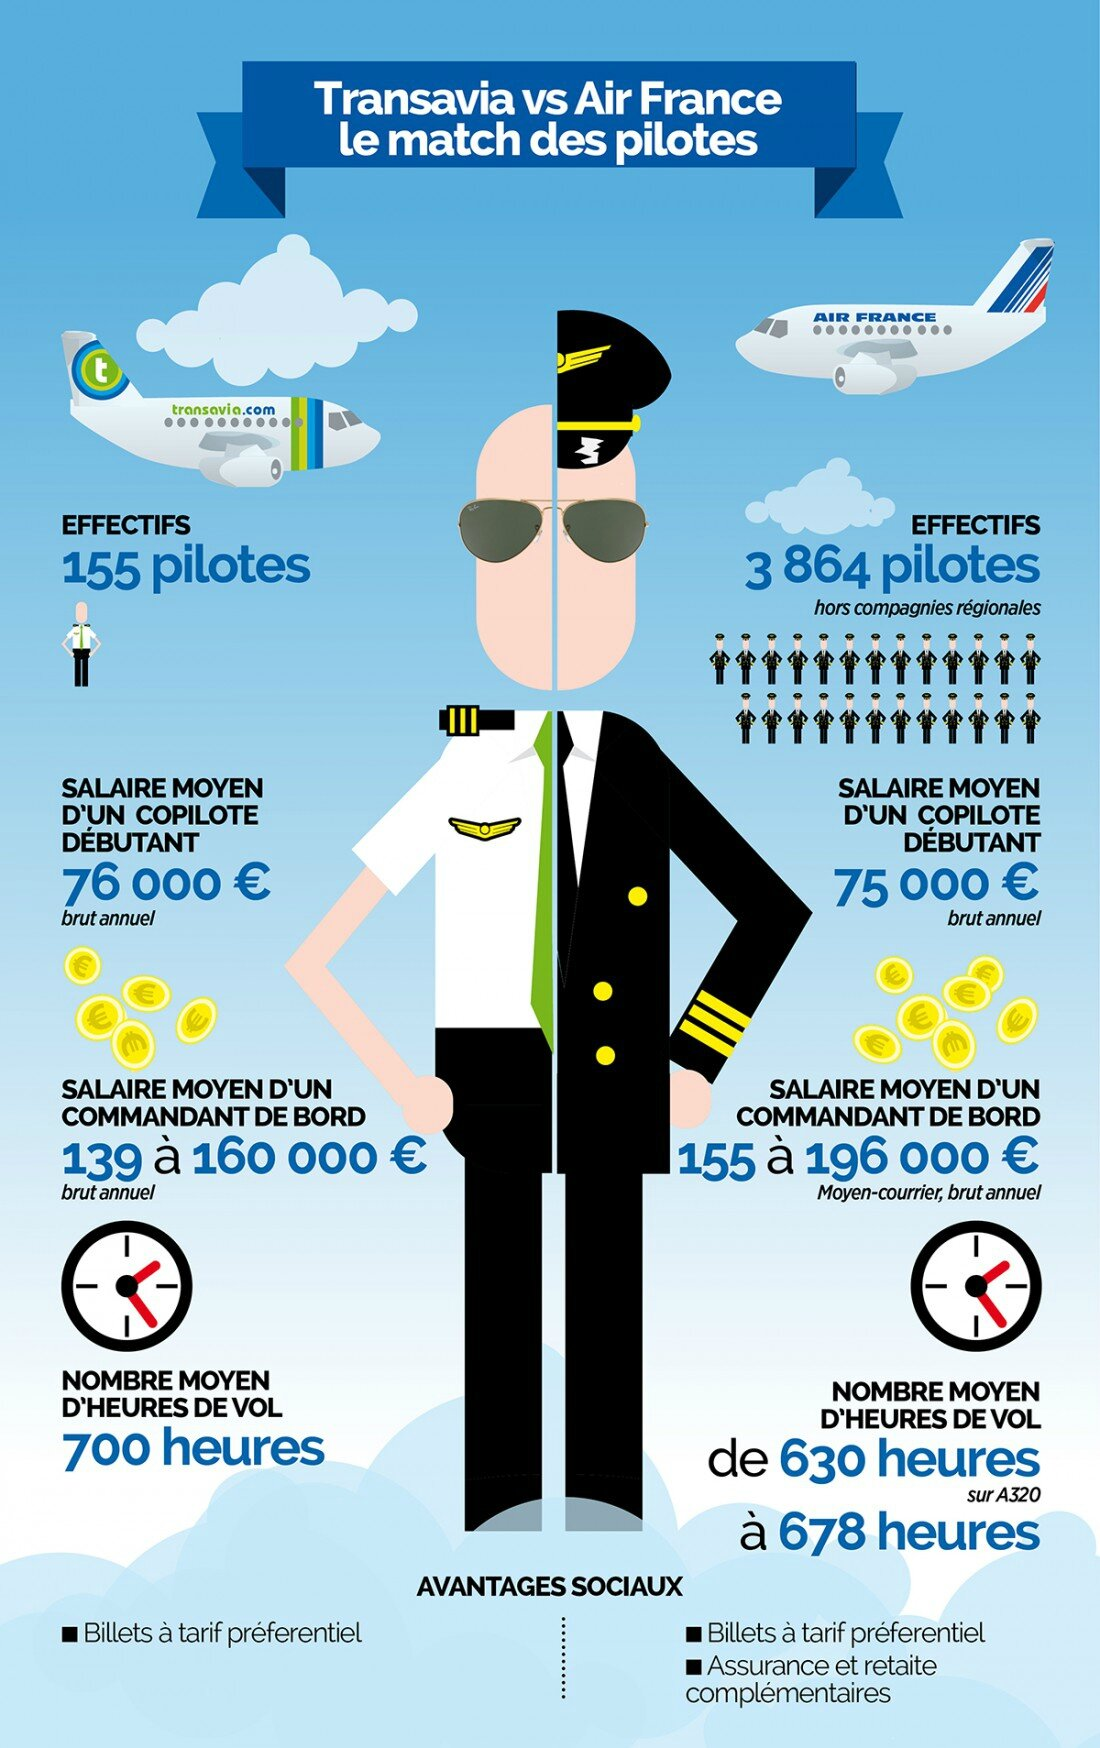 Vous vous êtes surement demandé pourquoi les pilotes d'Air France avaient fait grève.